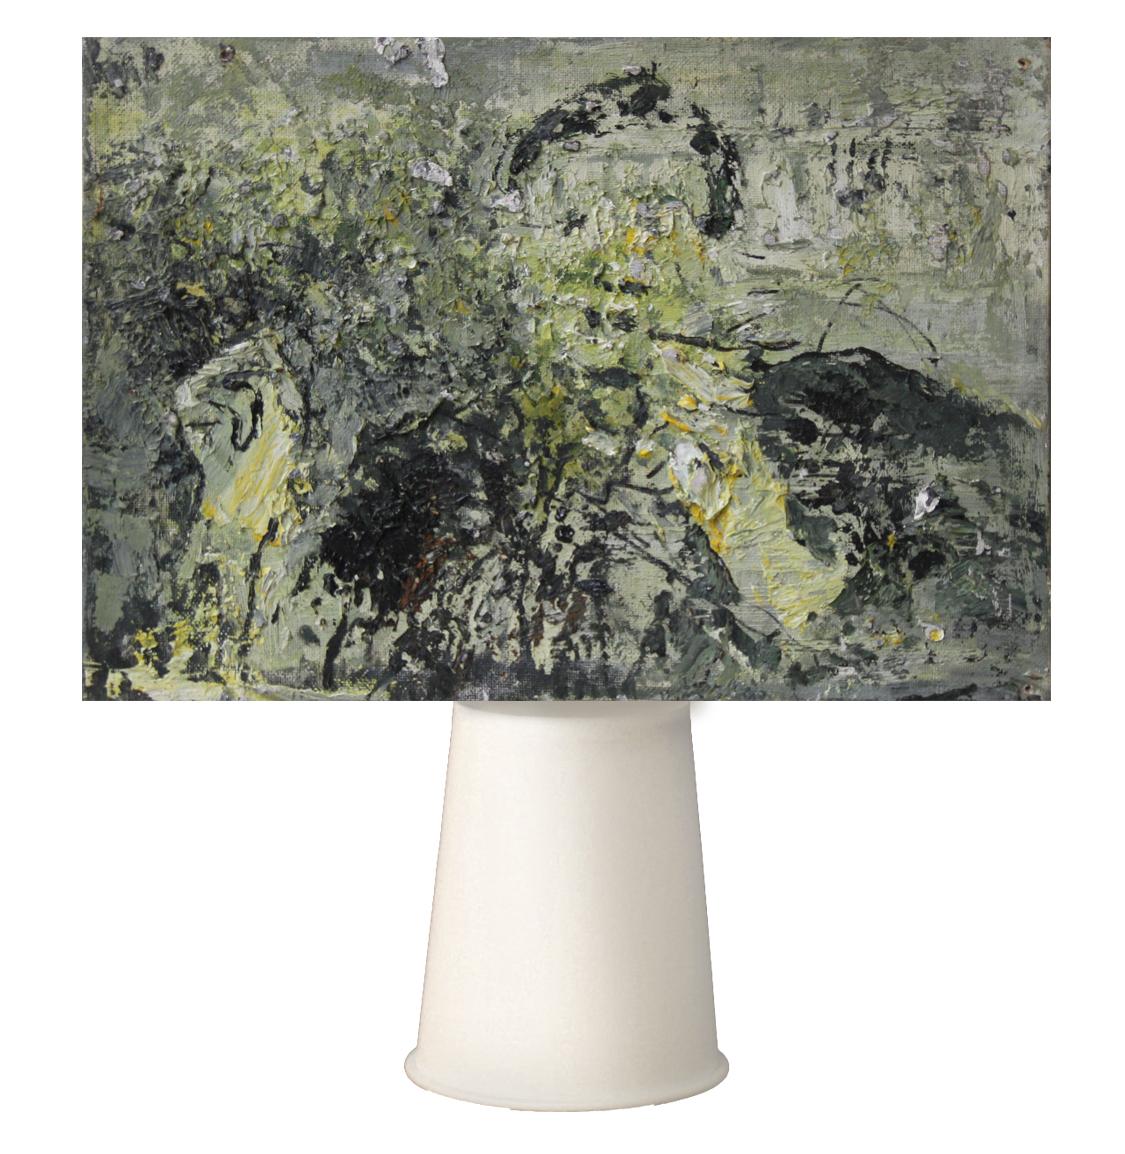 創作論述:馬總統的話如同一只免洗杯,用完即可丟棄。  創作媒材:油彩、畫布、免洗杯 尺寸:38cm * 26cm